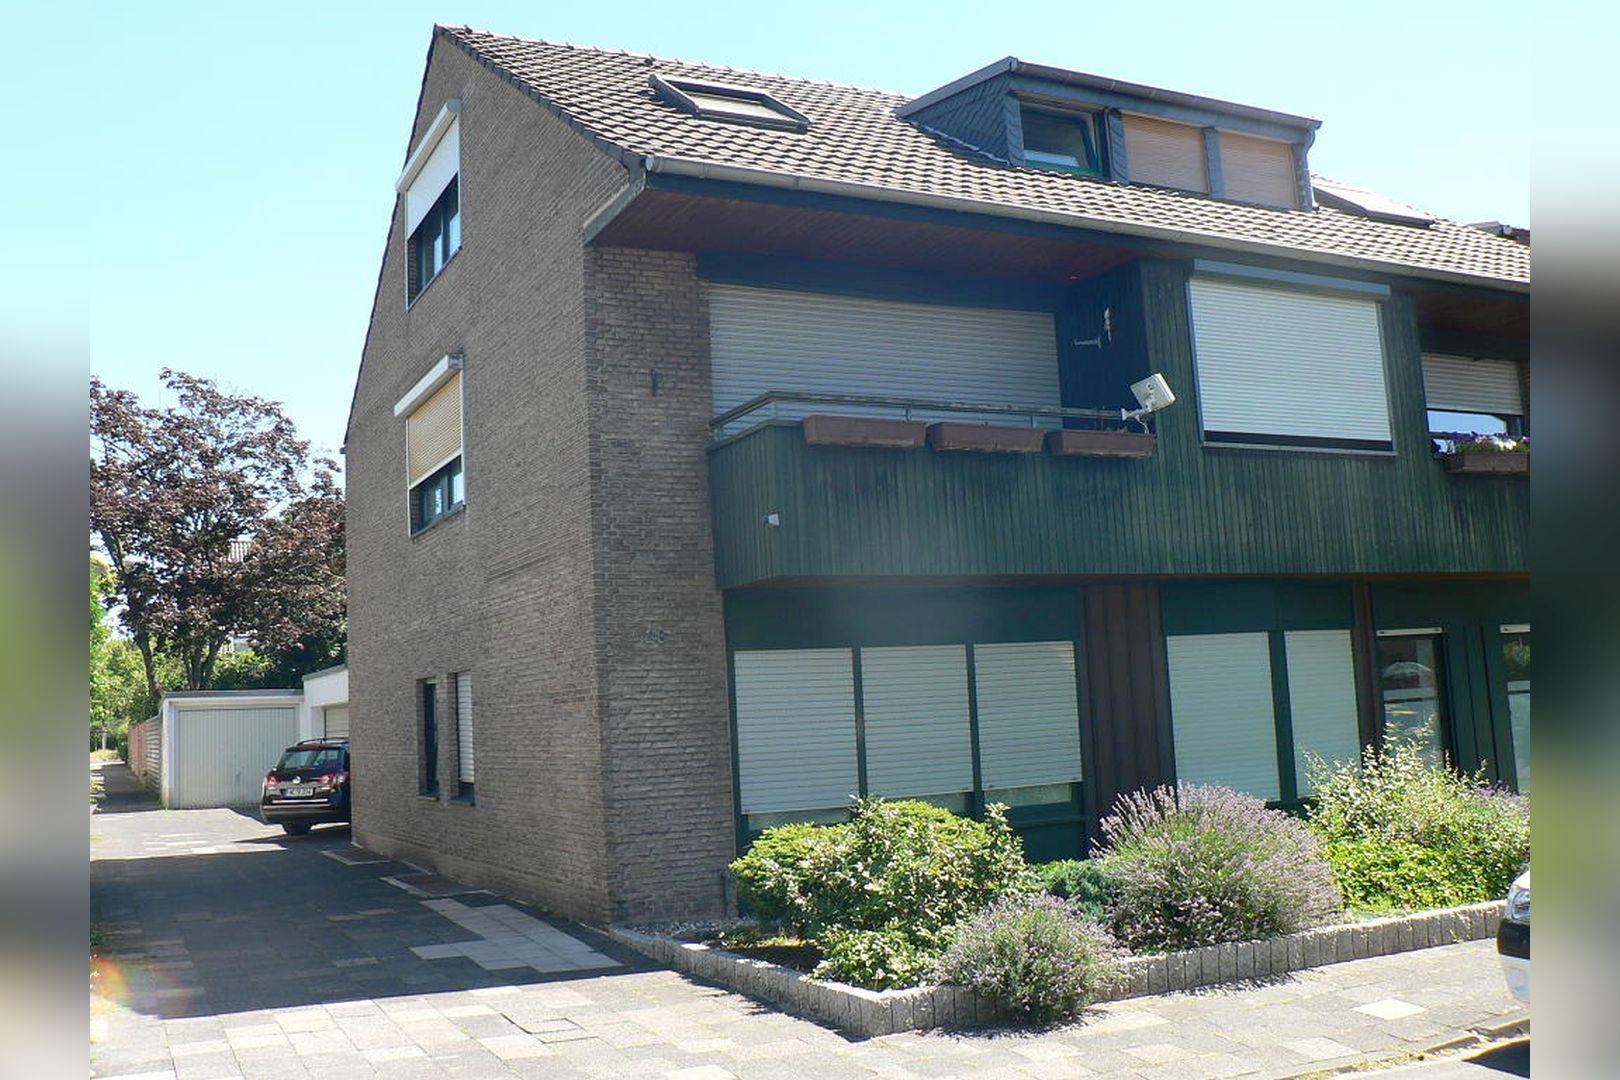 Immobilie Nr.305 - 2,5-Zimmer-Wohnung mit Balkon in 4-Part.-Haus - Bild 18.jpg